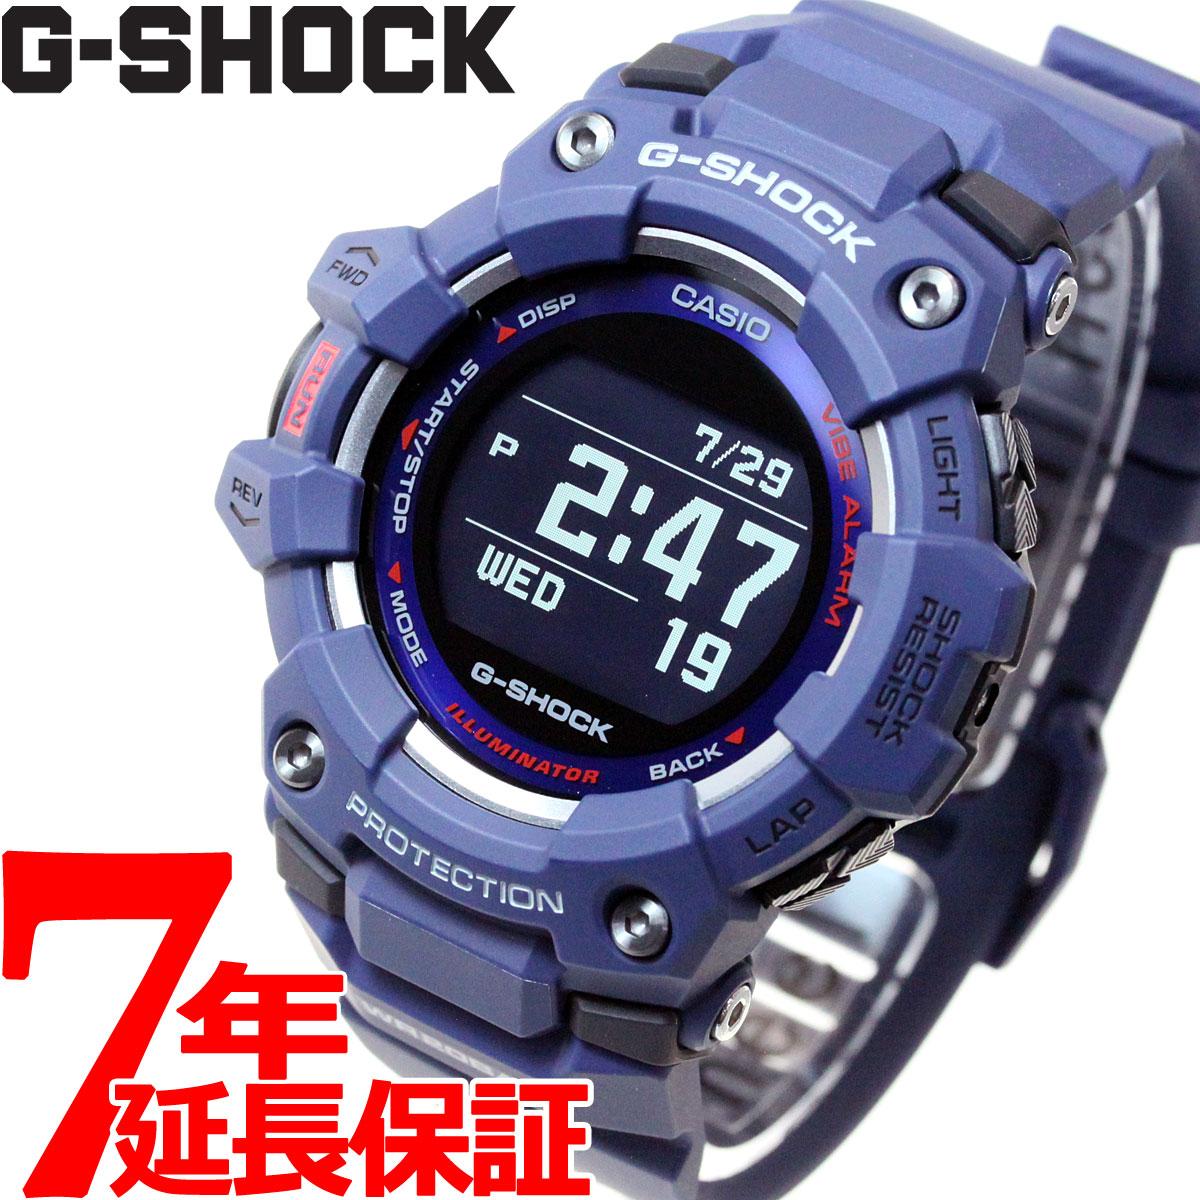 【5日0時~♪2000円OFFクーポン&店内ポイント最大51倍!5日23時59分まで】G-SHOCK G-SQUAD カシオ Gショック ジースクワッド CASIO Bluetooth搭載 GPS 腕時計 メンズ スマートフォンリンク GBD-100-2JF【2020 新作】